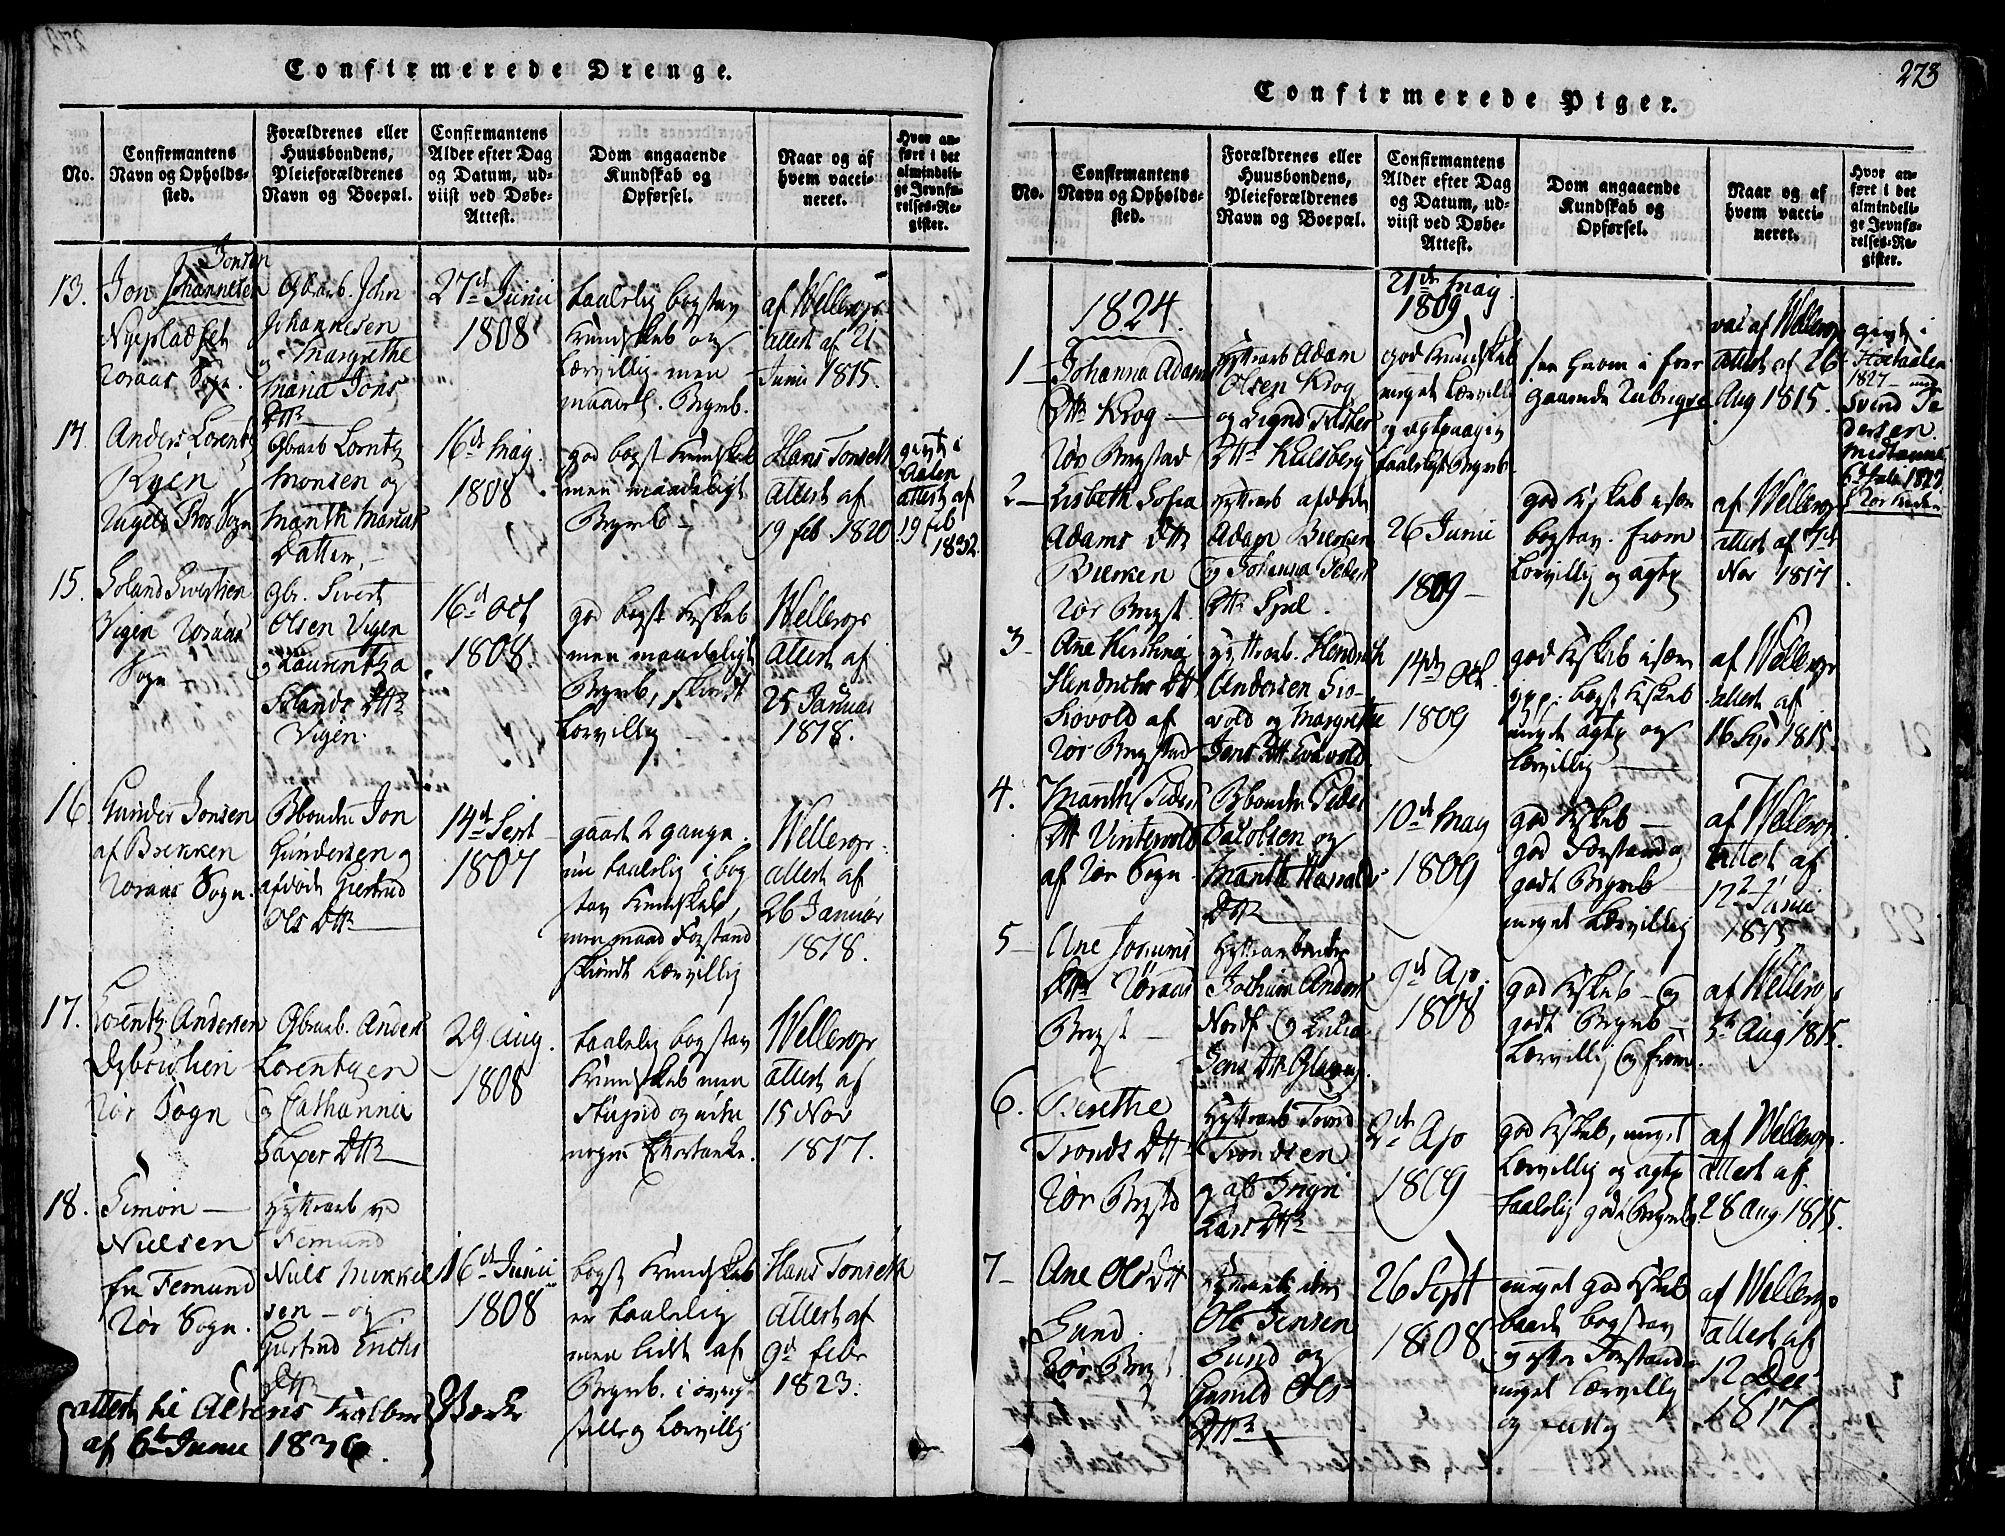 SAT, Ministerialprotokoller, klokkerbøker og fødselsregistre - Sør-Trøndelag, 681/L0929: Ministerialbok nr. 681A07, 1817-1828, s. 273